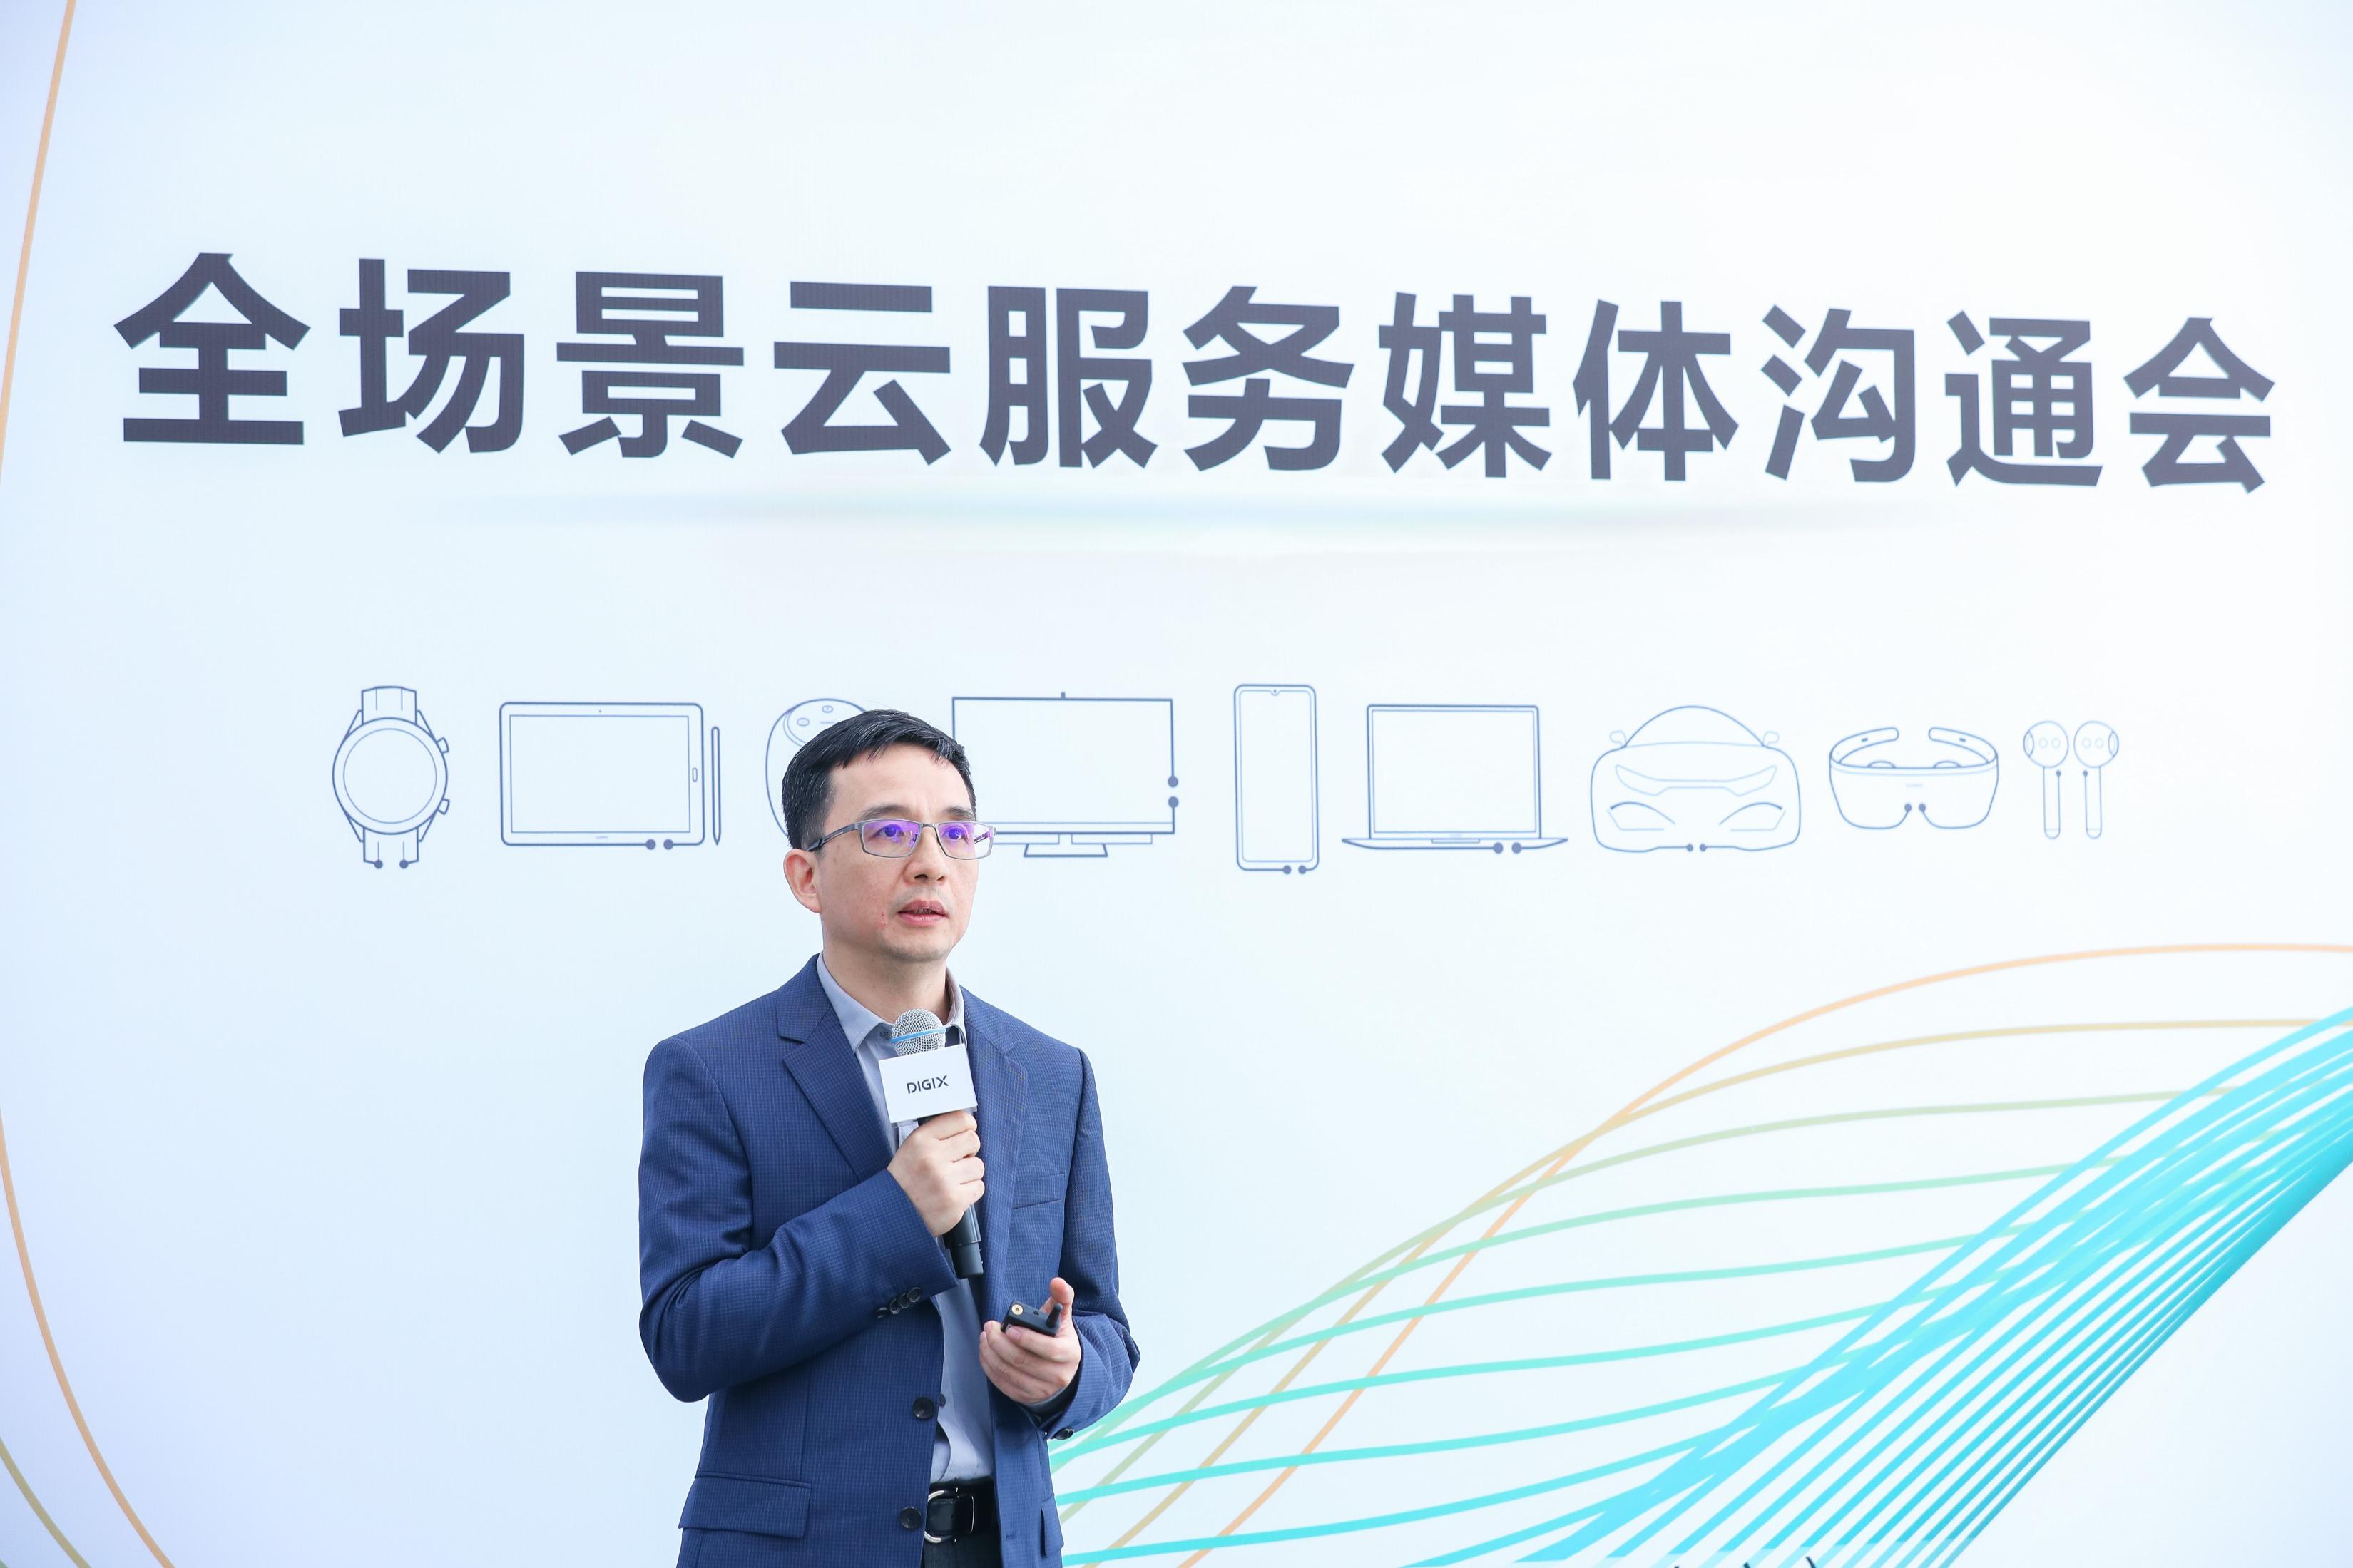 华为:VR正第二次由波谷走向波峰,华为VR Glass 6DoF游戏套装即将上市